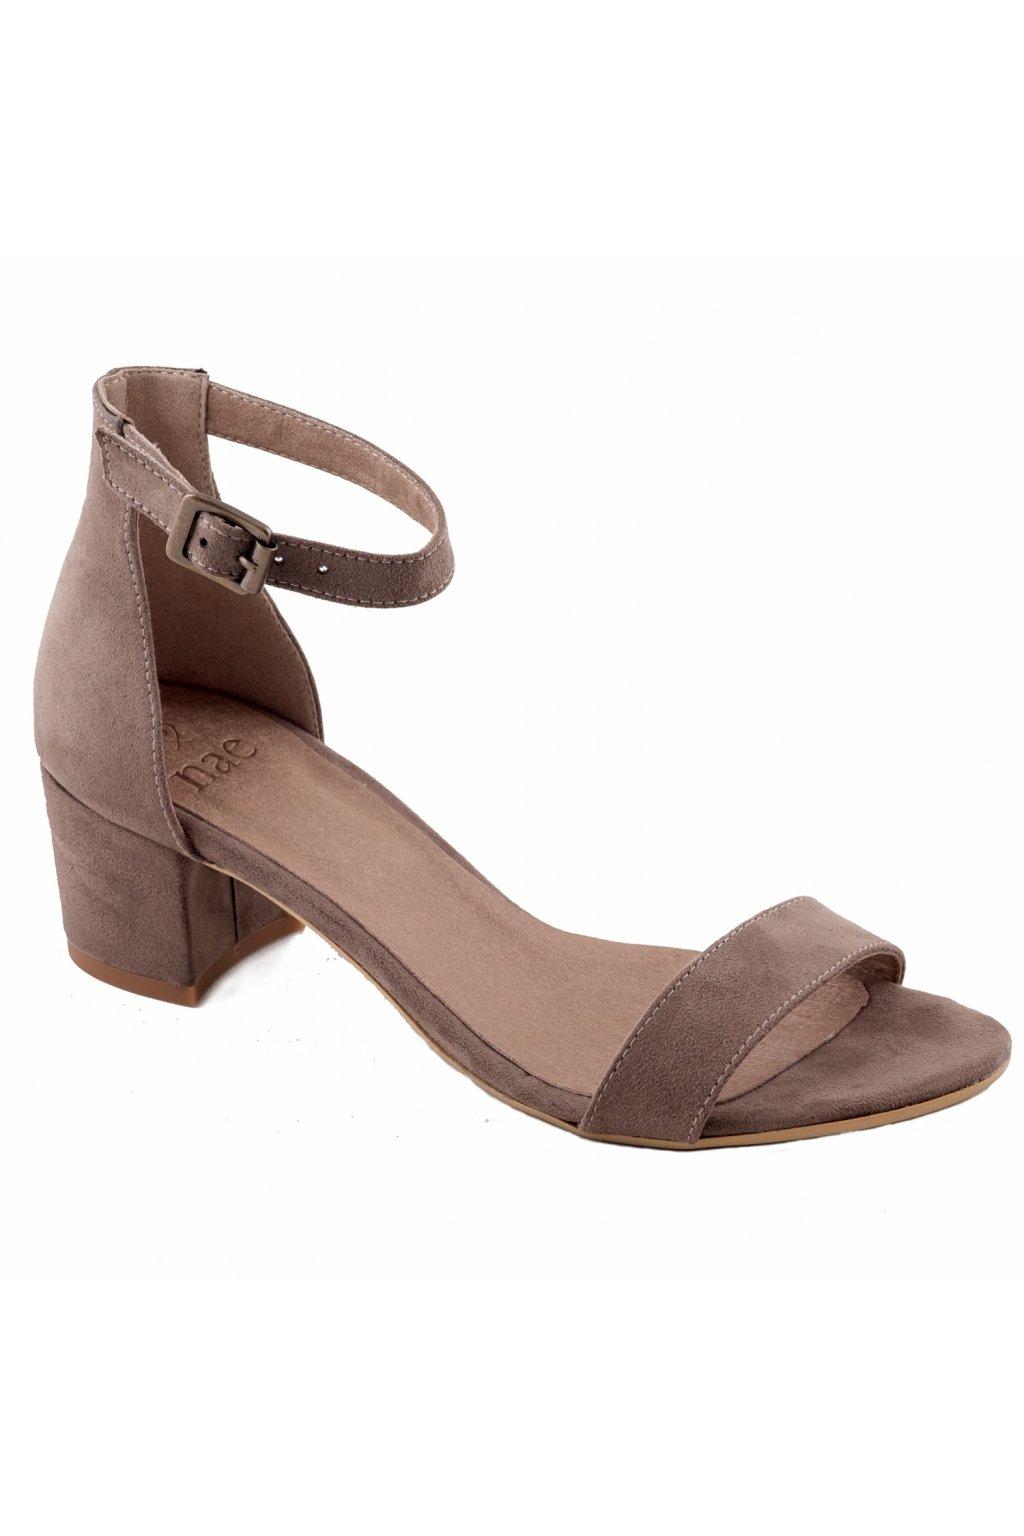 """Hnedé sandálky na nízkom podpätku """"Irene brown"""""""